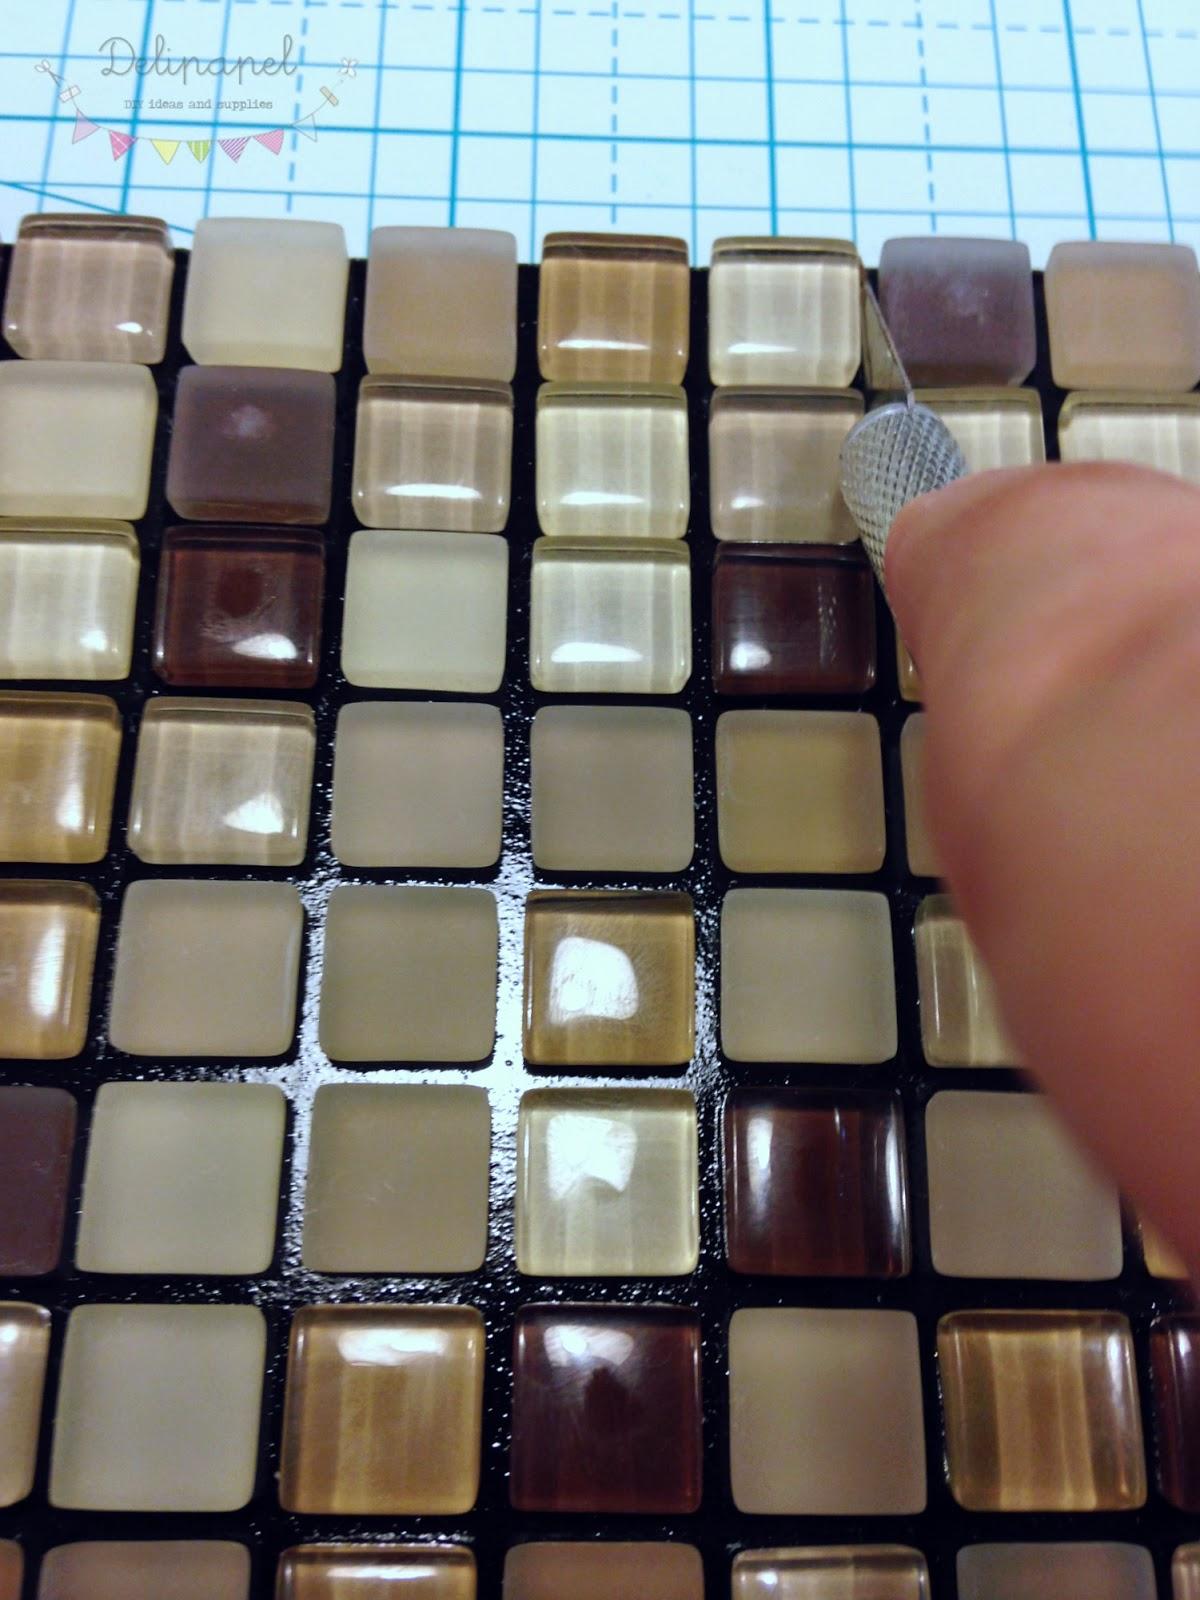 Delipapel Probamos el gresite adhesivo de Leroy Merlin